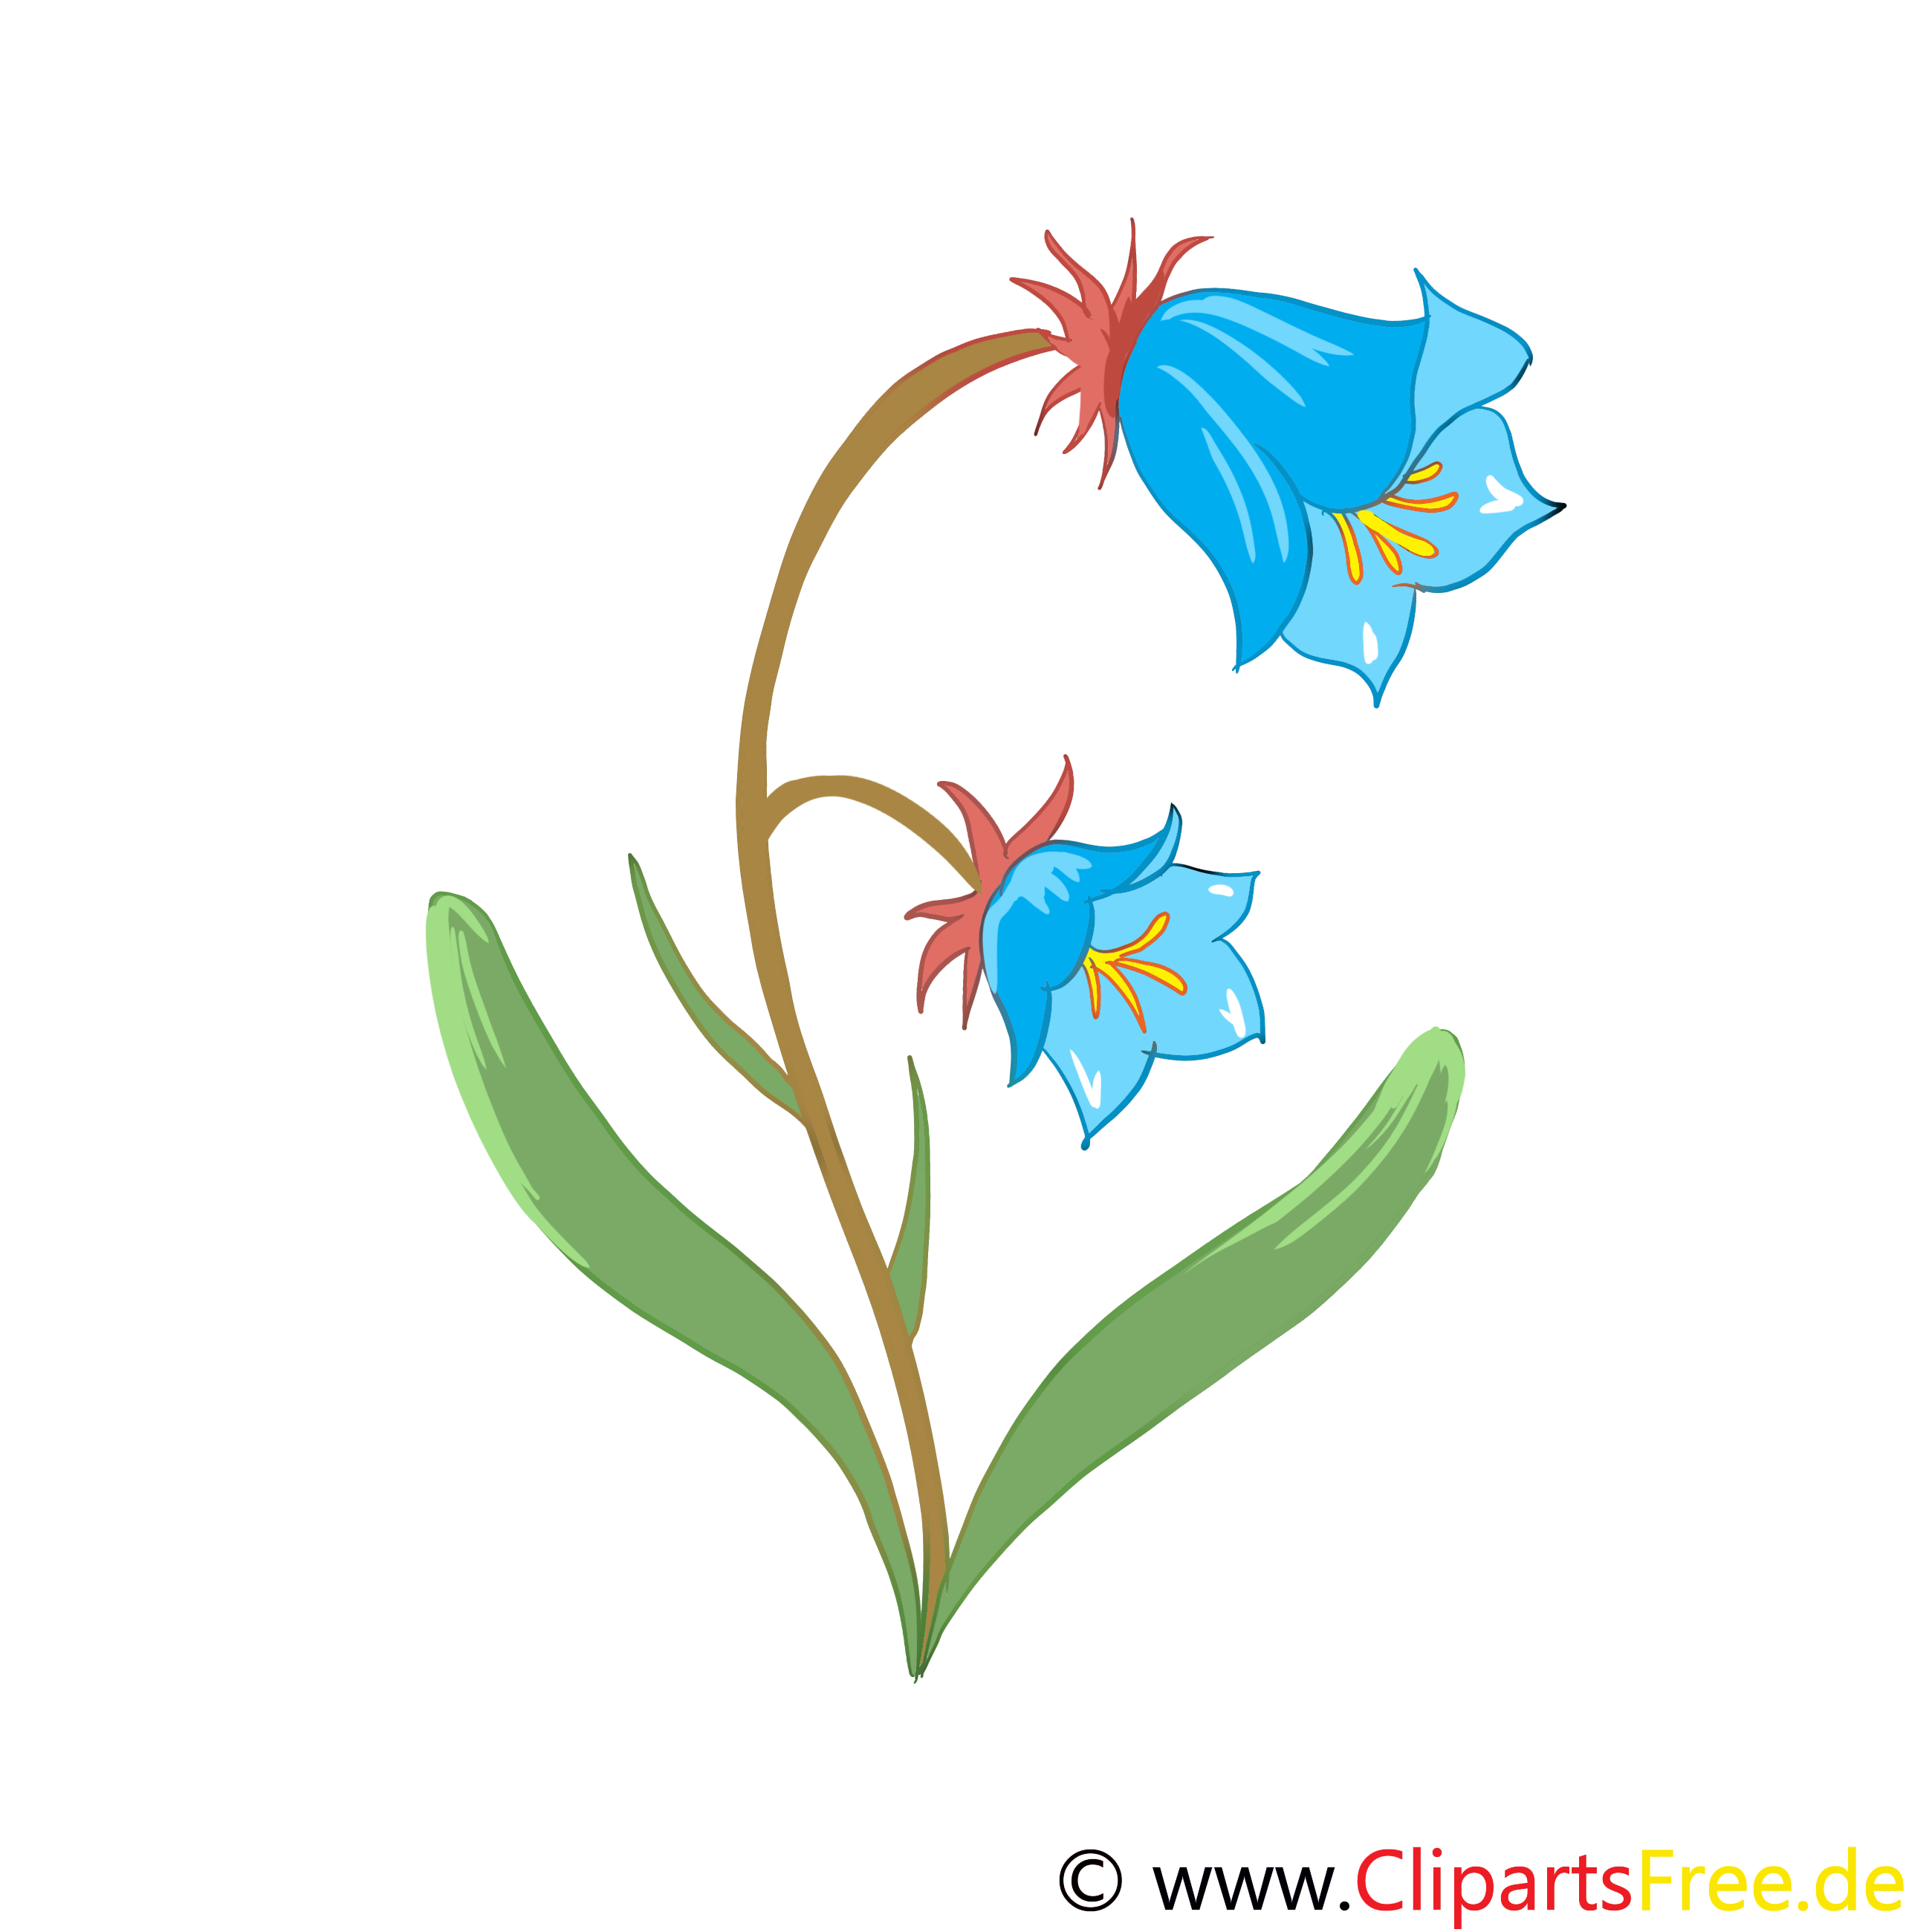 Dessin fleurs t l charger gratuit fleurs dessin picture image graphic clip art - Dessin a telecharger ...